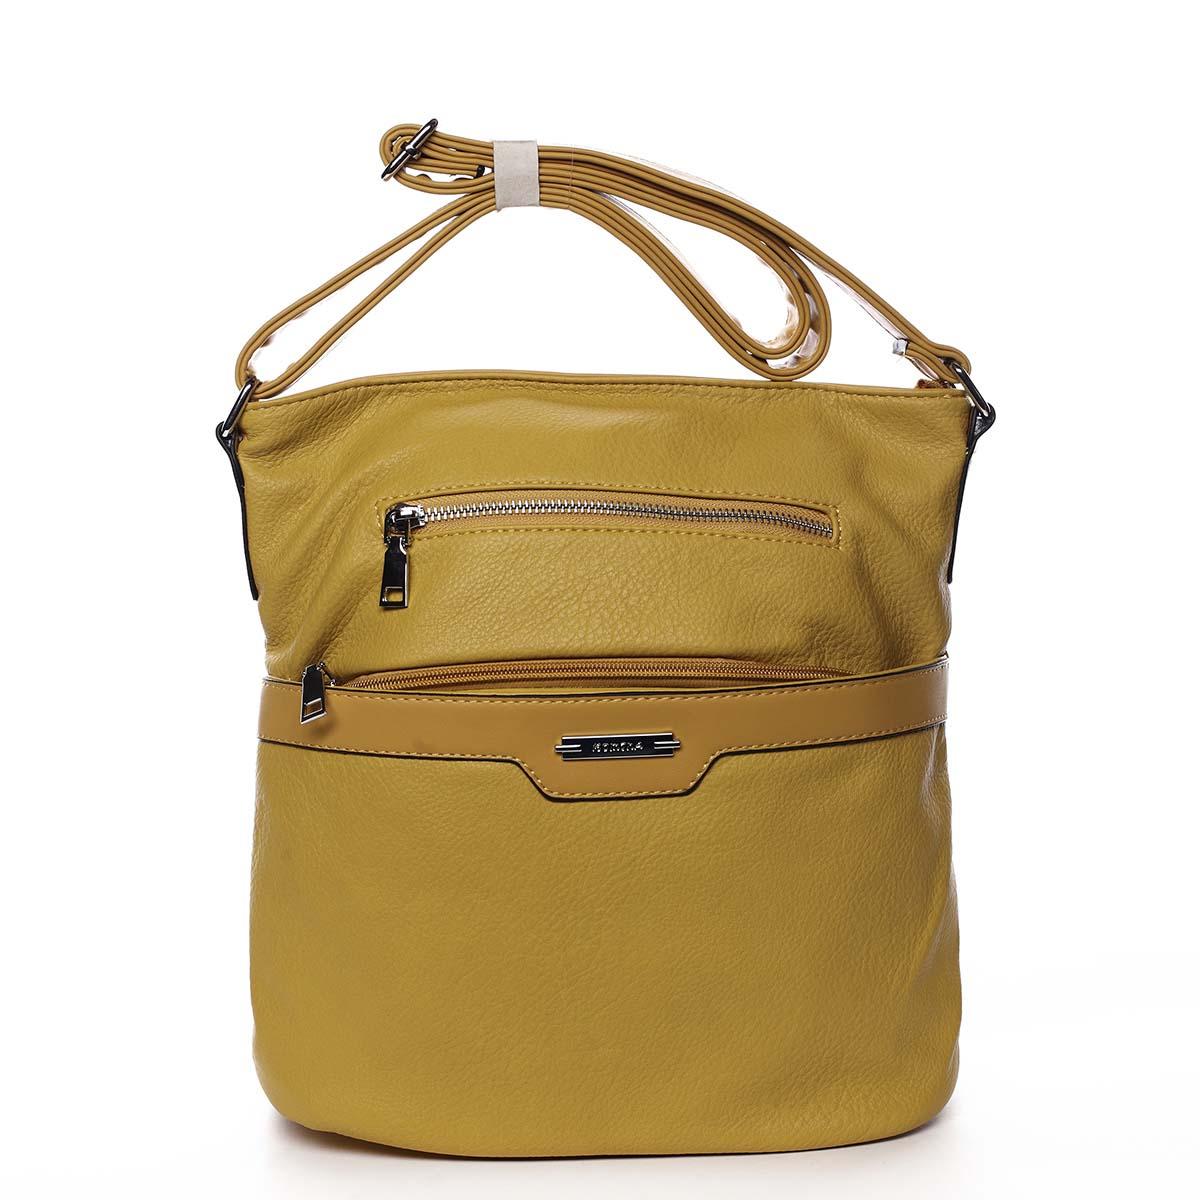 Dámska crossbody kabelka žltá - Romina Elmina